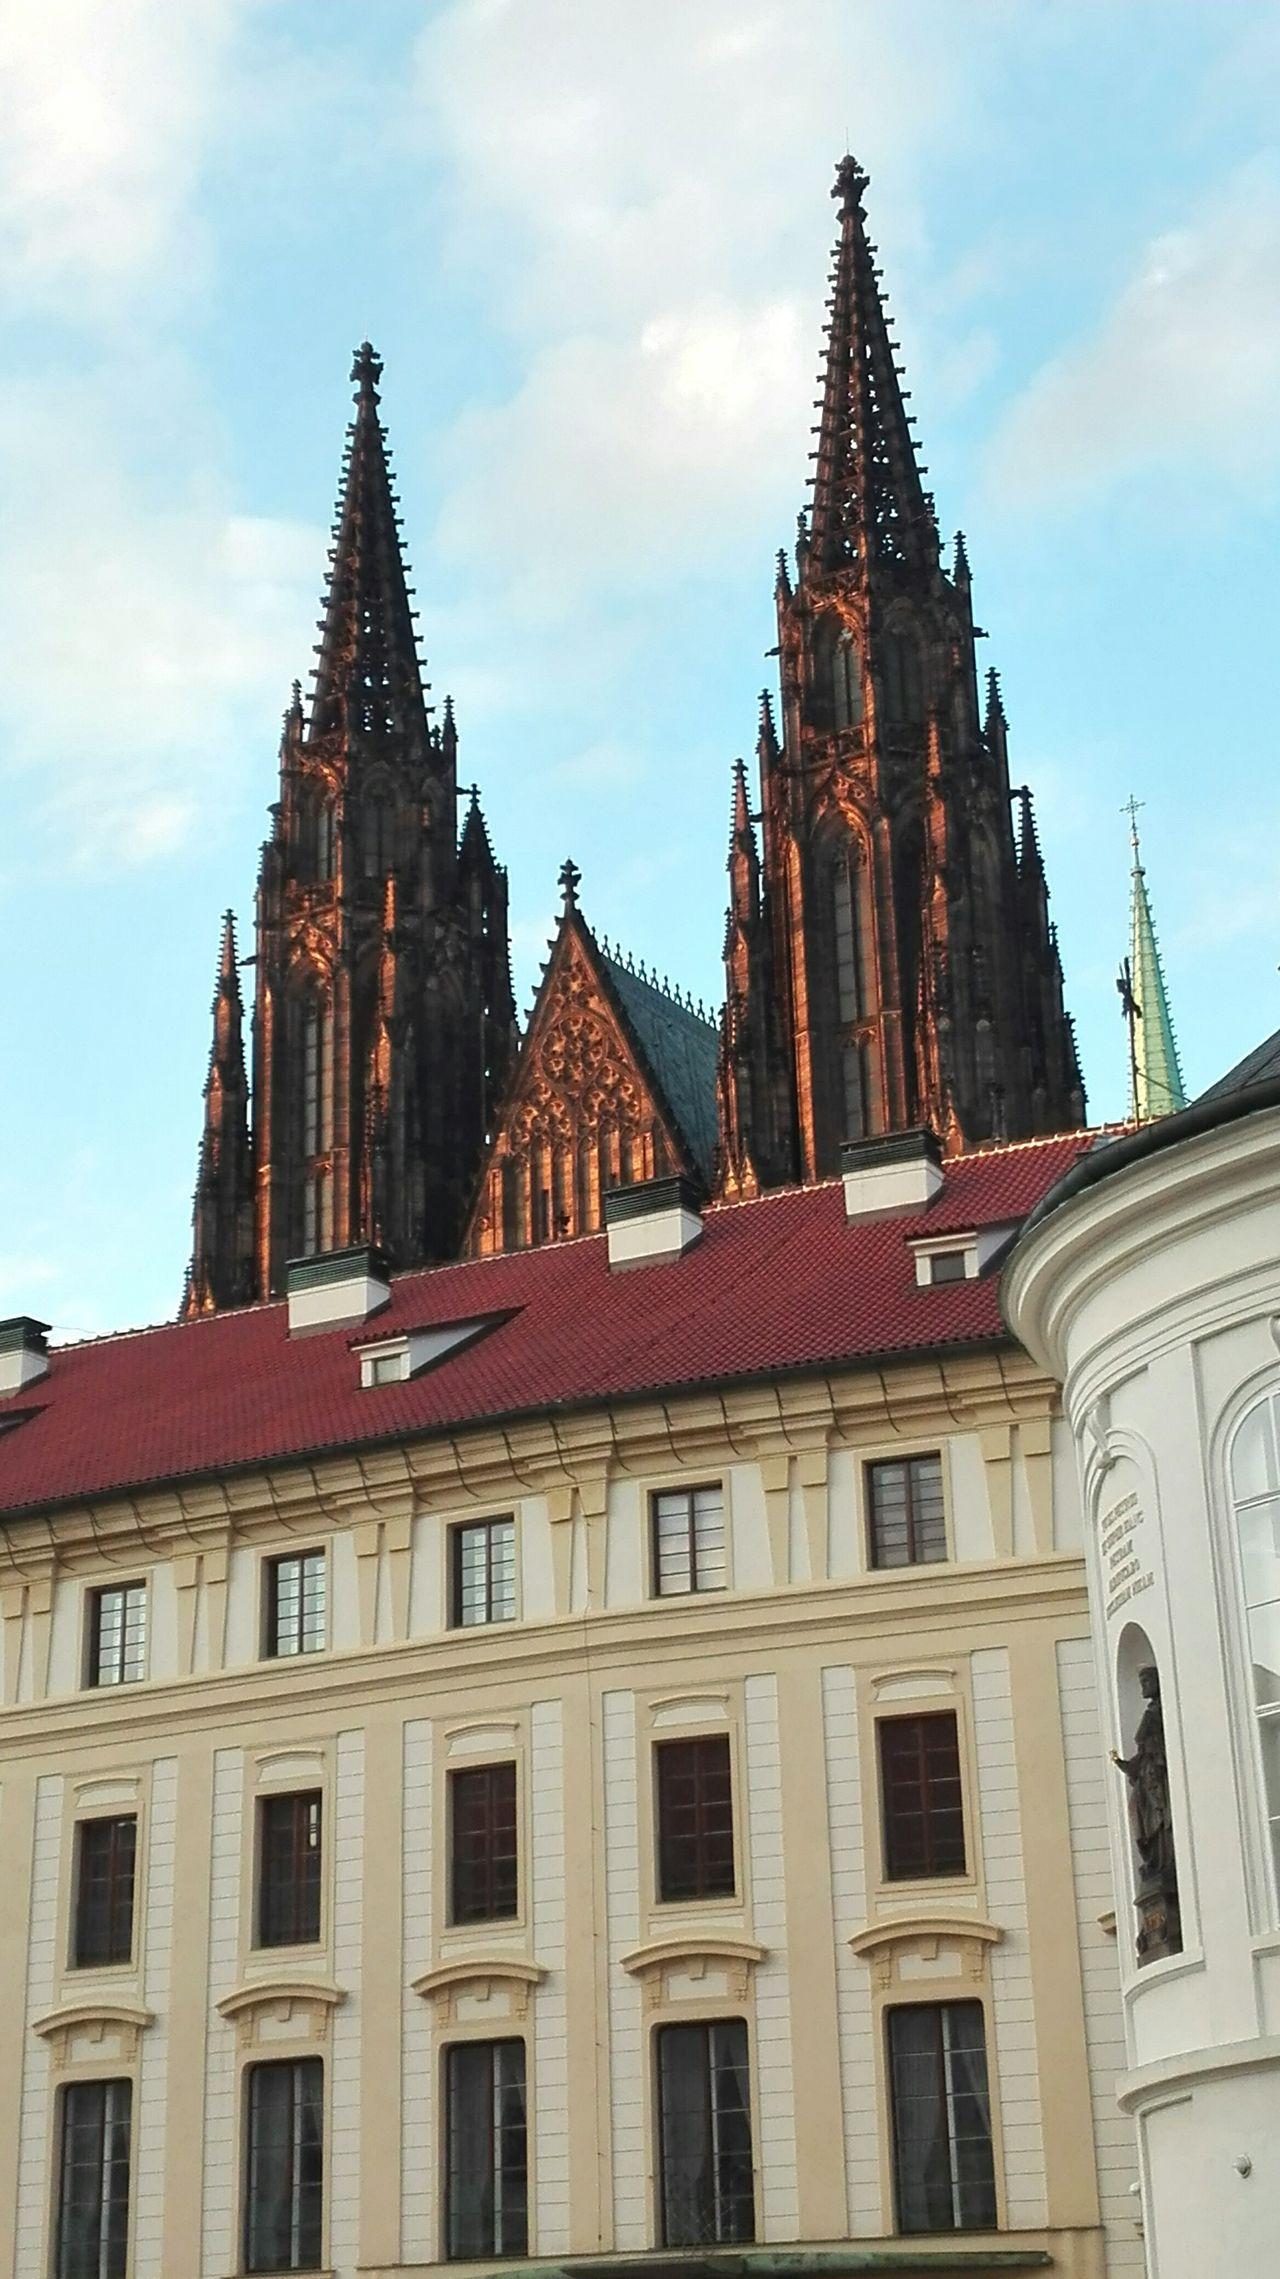 St. Vitus Cathedral Prague Prague Castle Architecture Historical Building Historical Place Historical Monuments